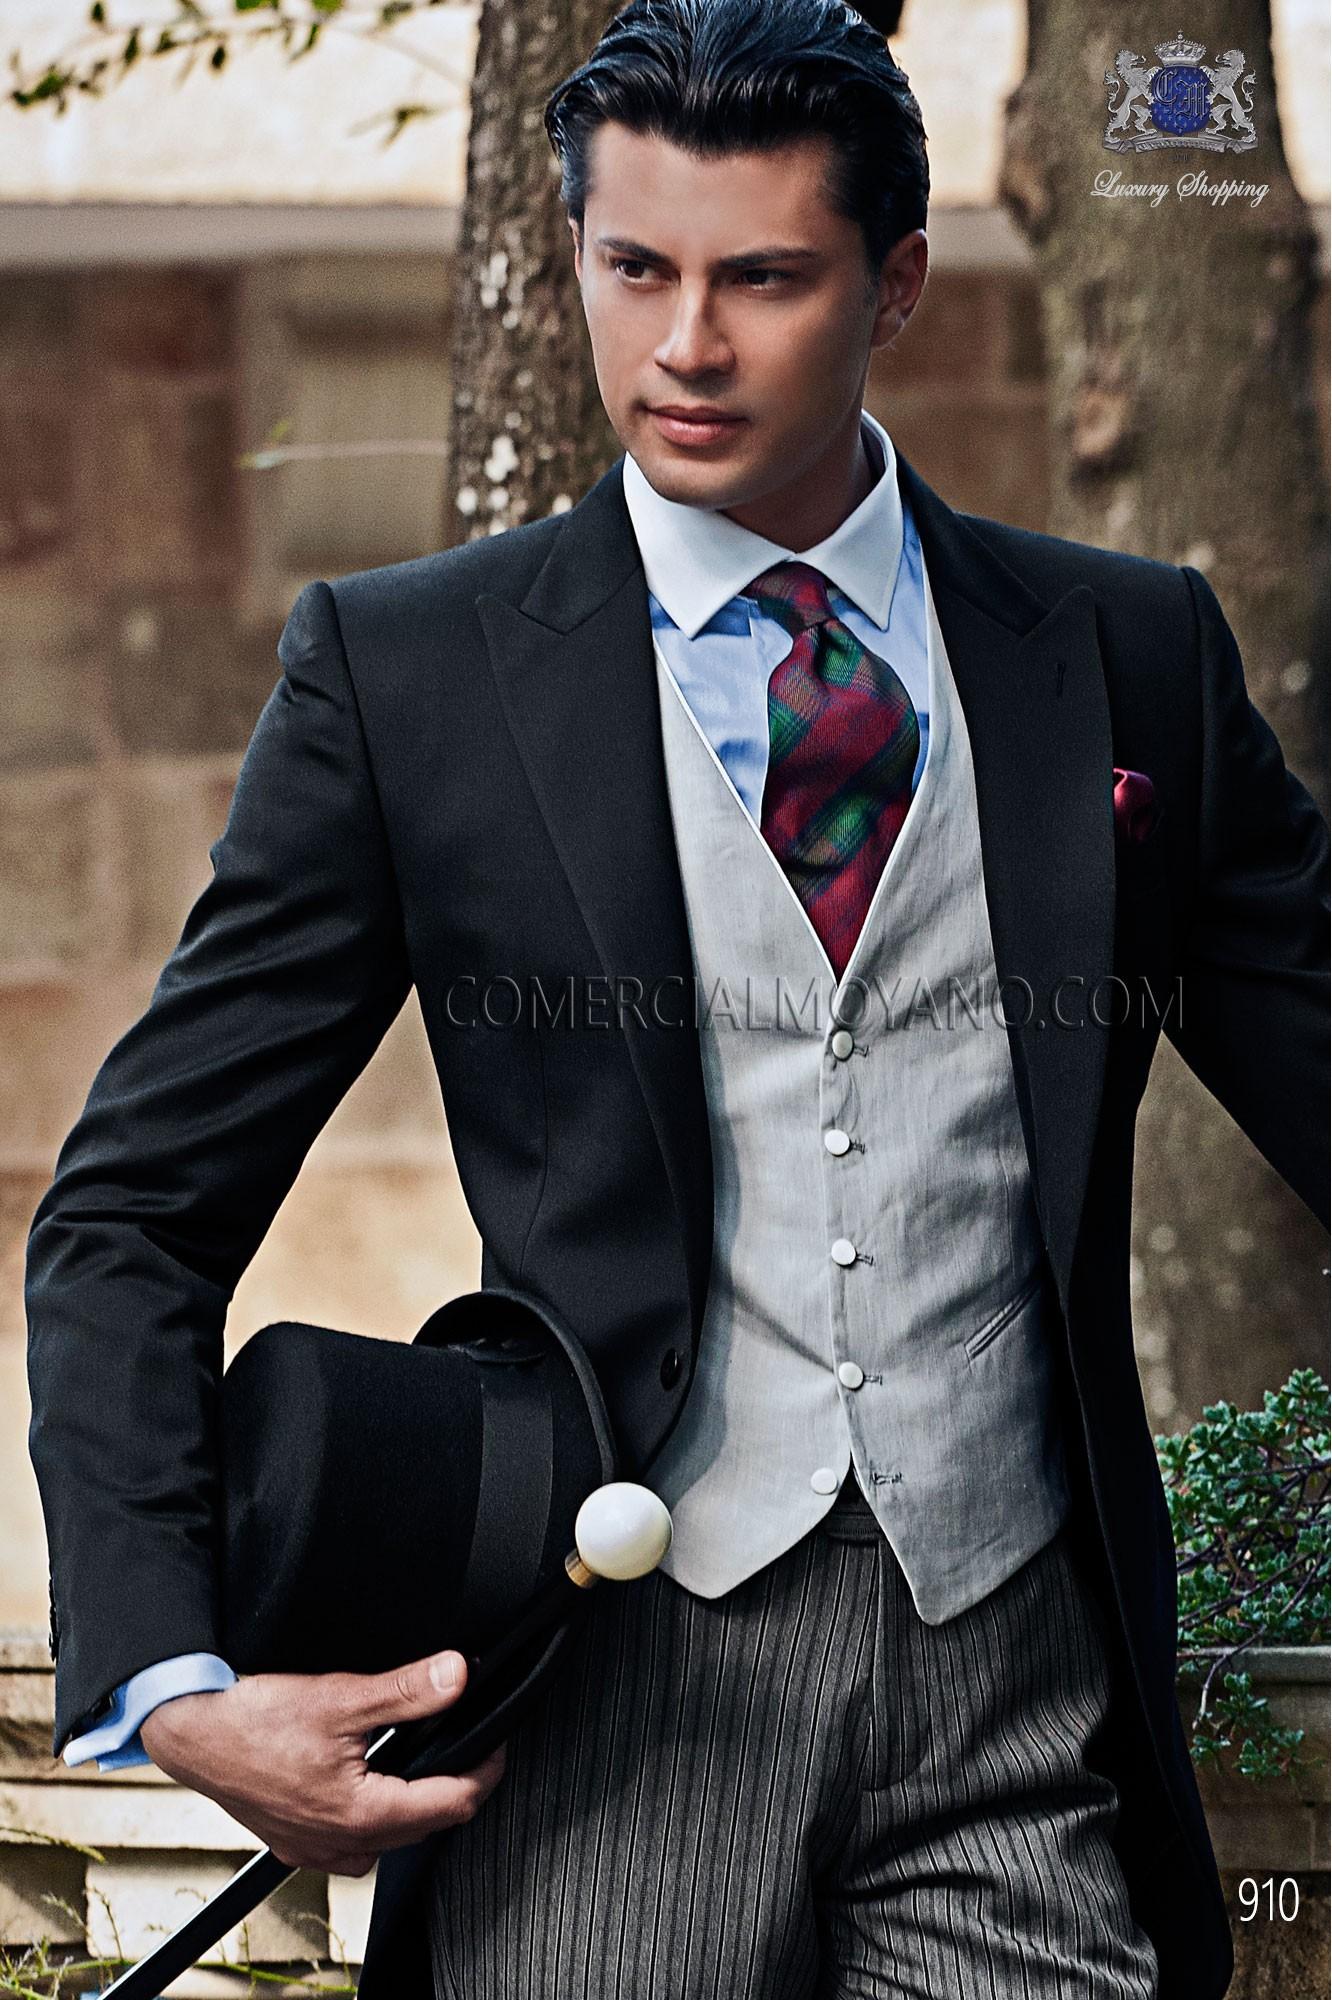 Traje Gentleman de novio negro modelo: 910 Ottavio Nuccio Gala colección Gentleman